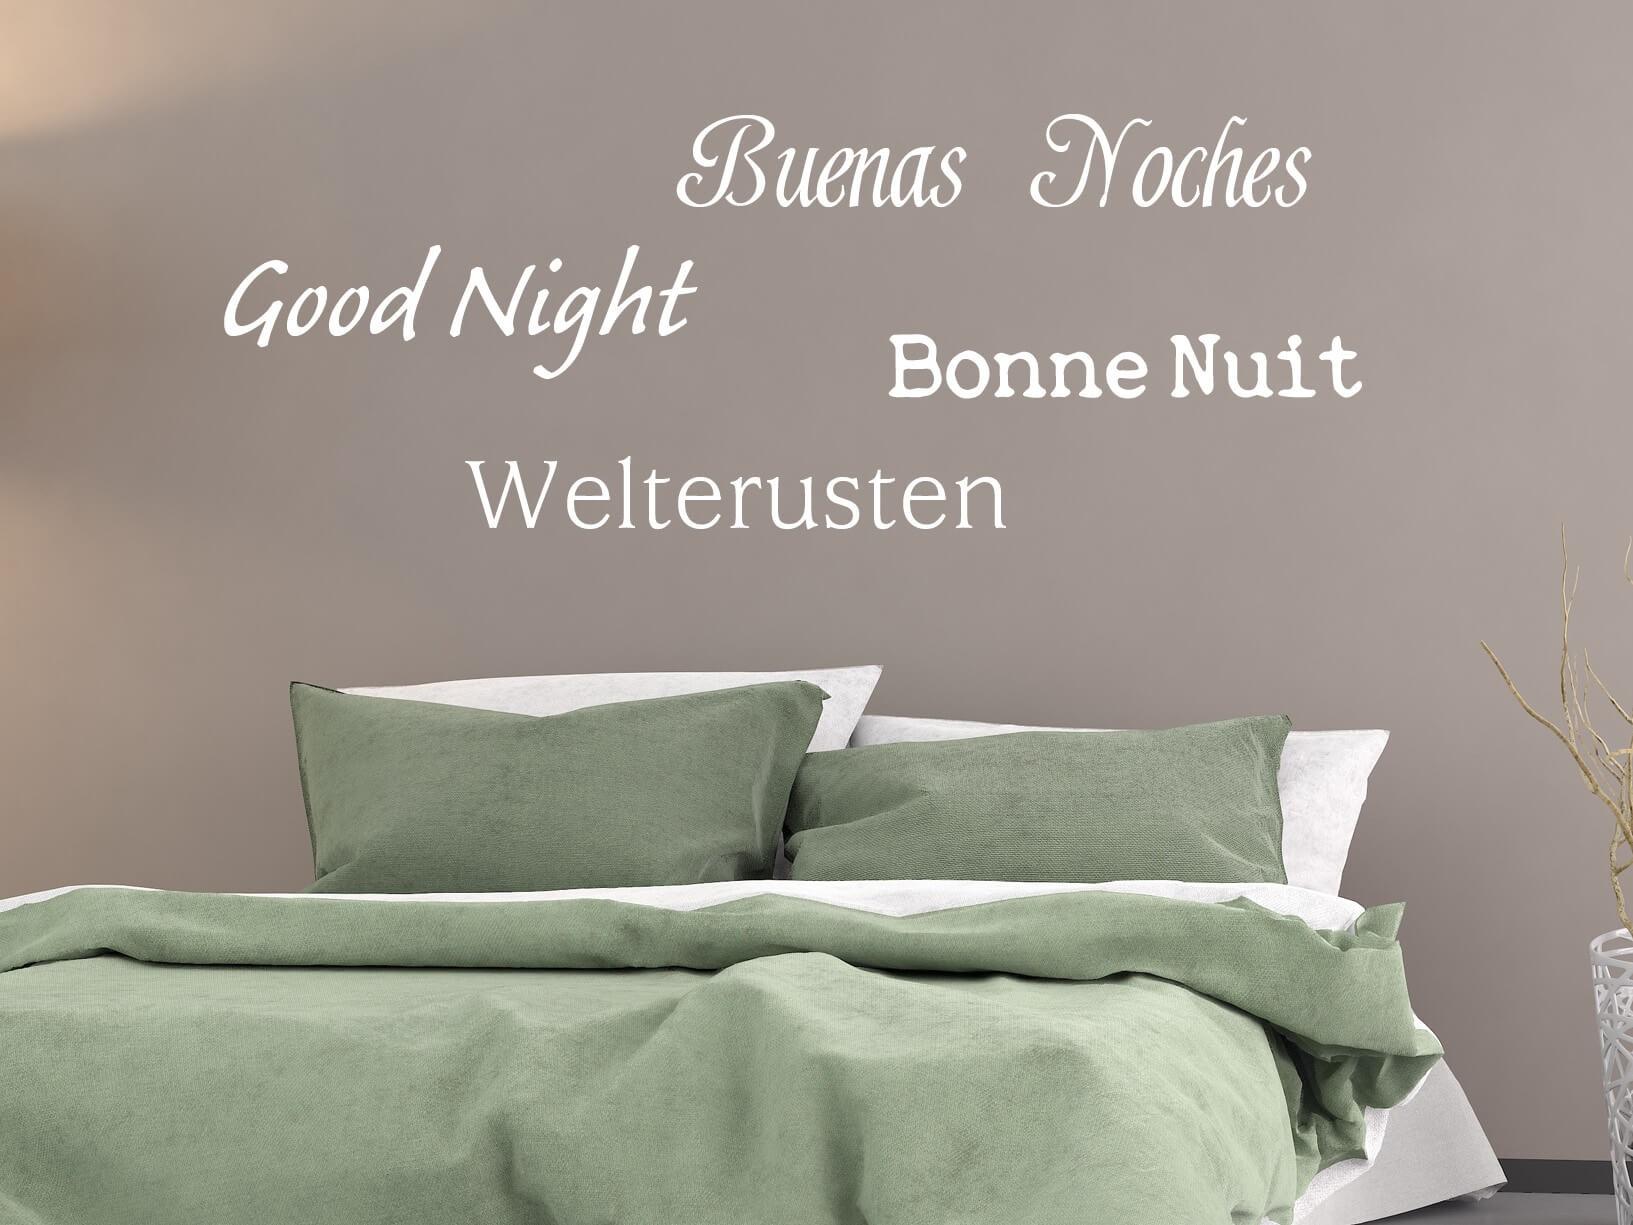 """Muursticker """"Welterusten, Good Night, Buenas Noches, Bonne Nuit"""""""